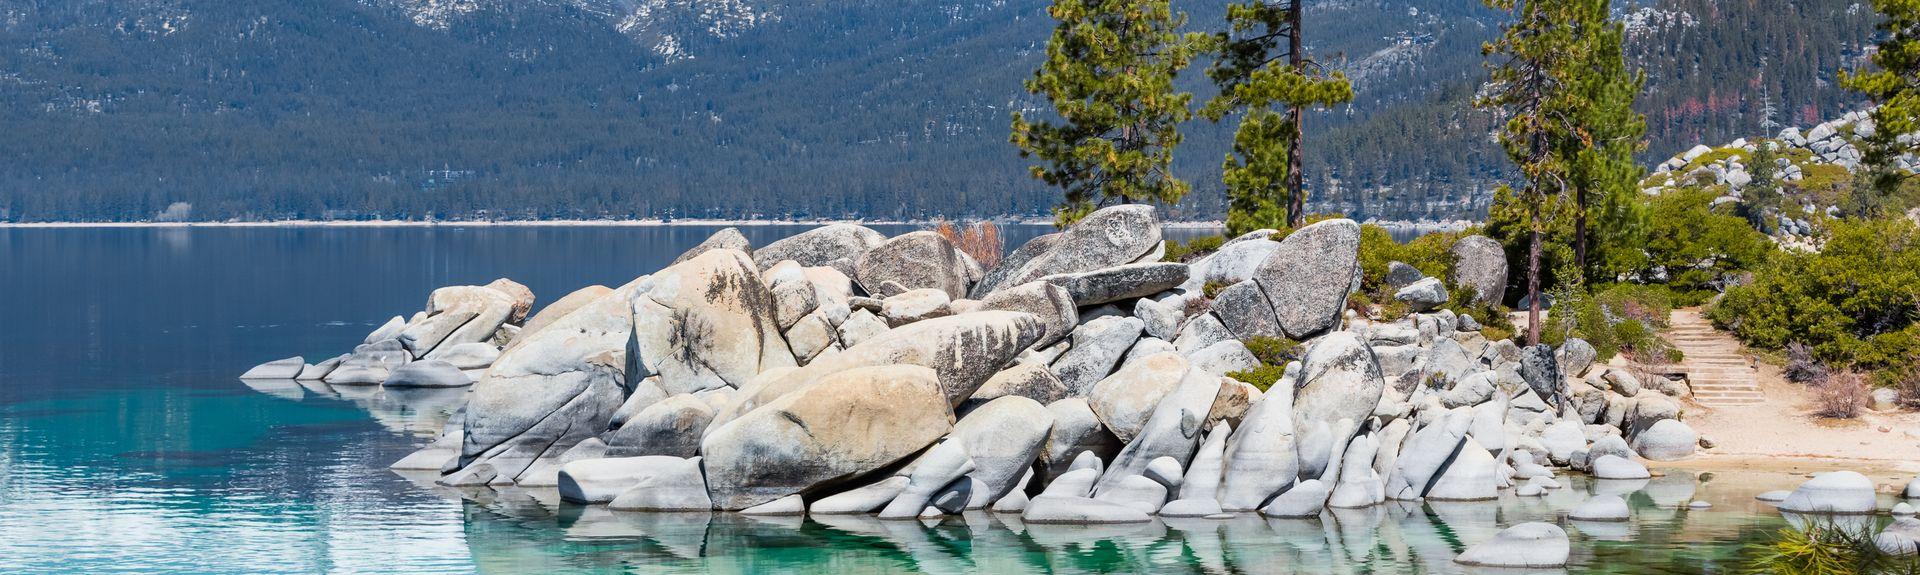 Tahoe Woods, Tahoe City, Kalifornia, Yhdysvallat